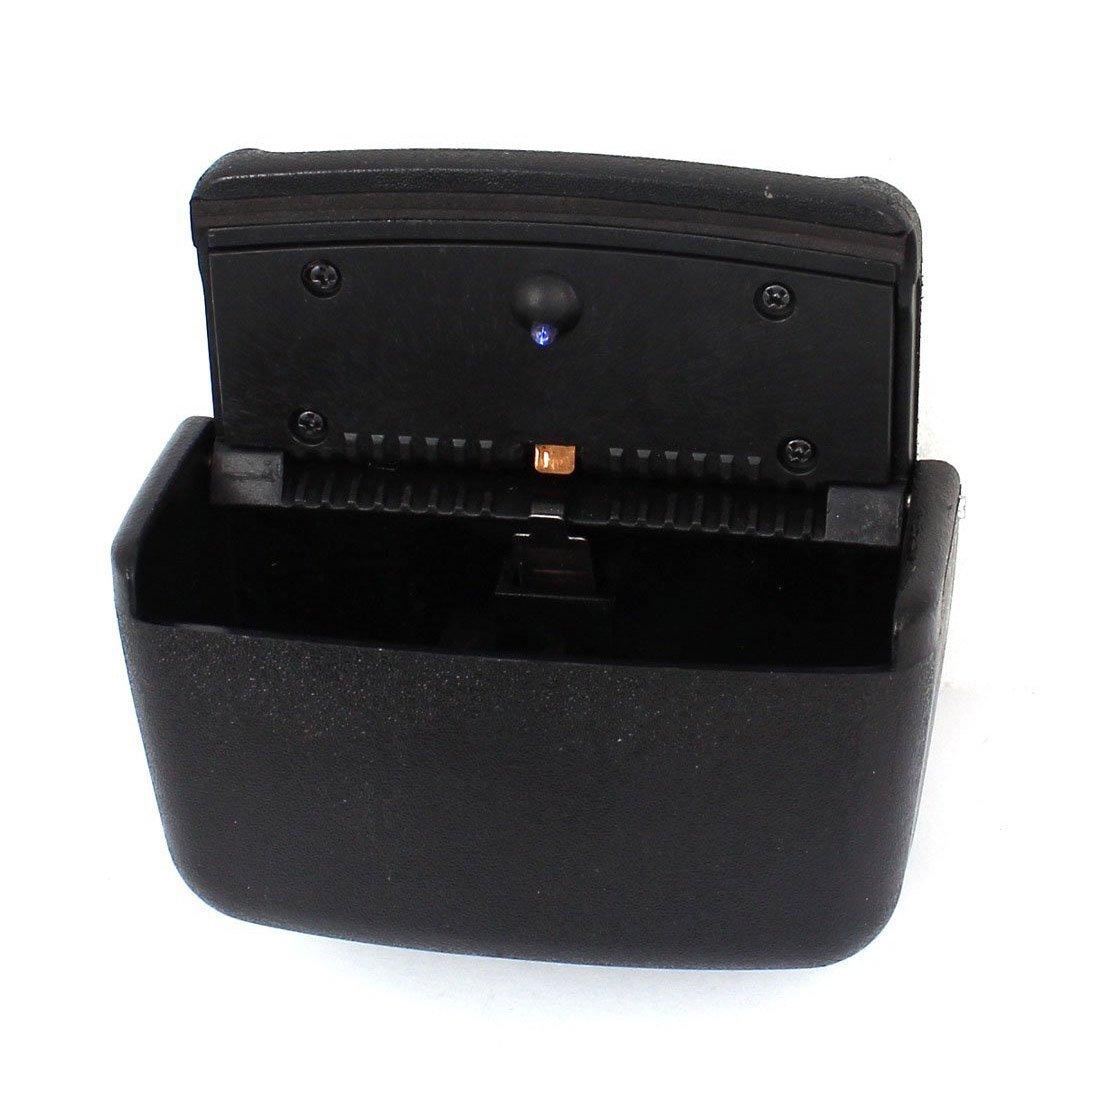 Cendrier - TOOGOO(R)Cendrier d¡ ¯ auto en plastique noir en forme de rectangle avec LED bleu 058487